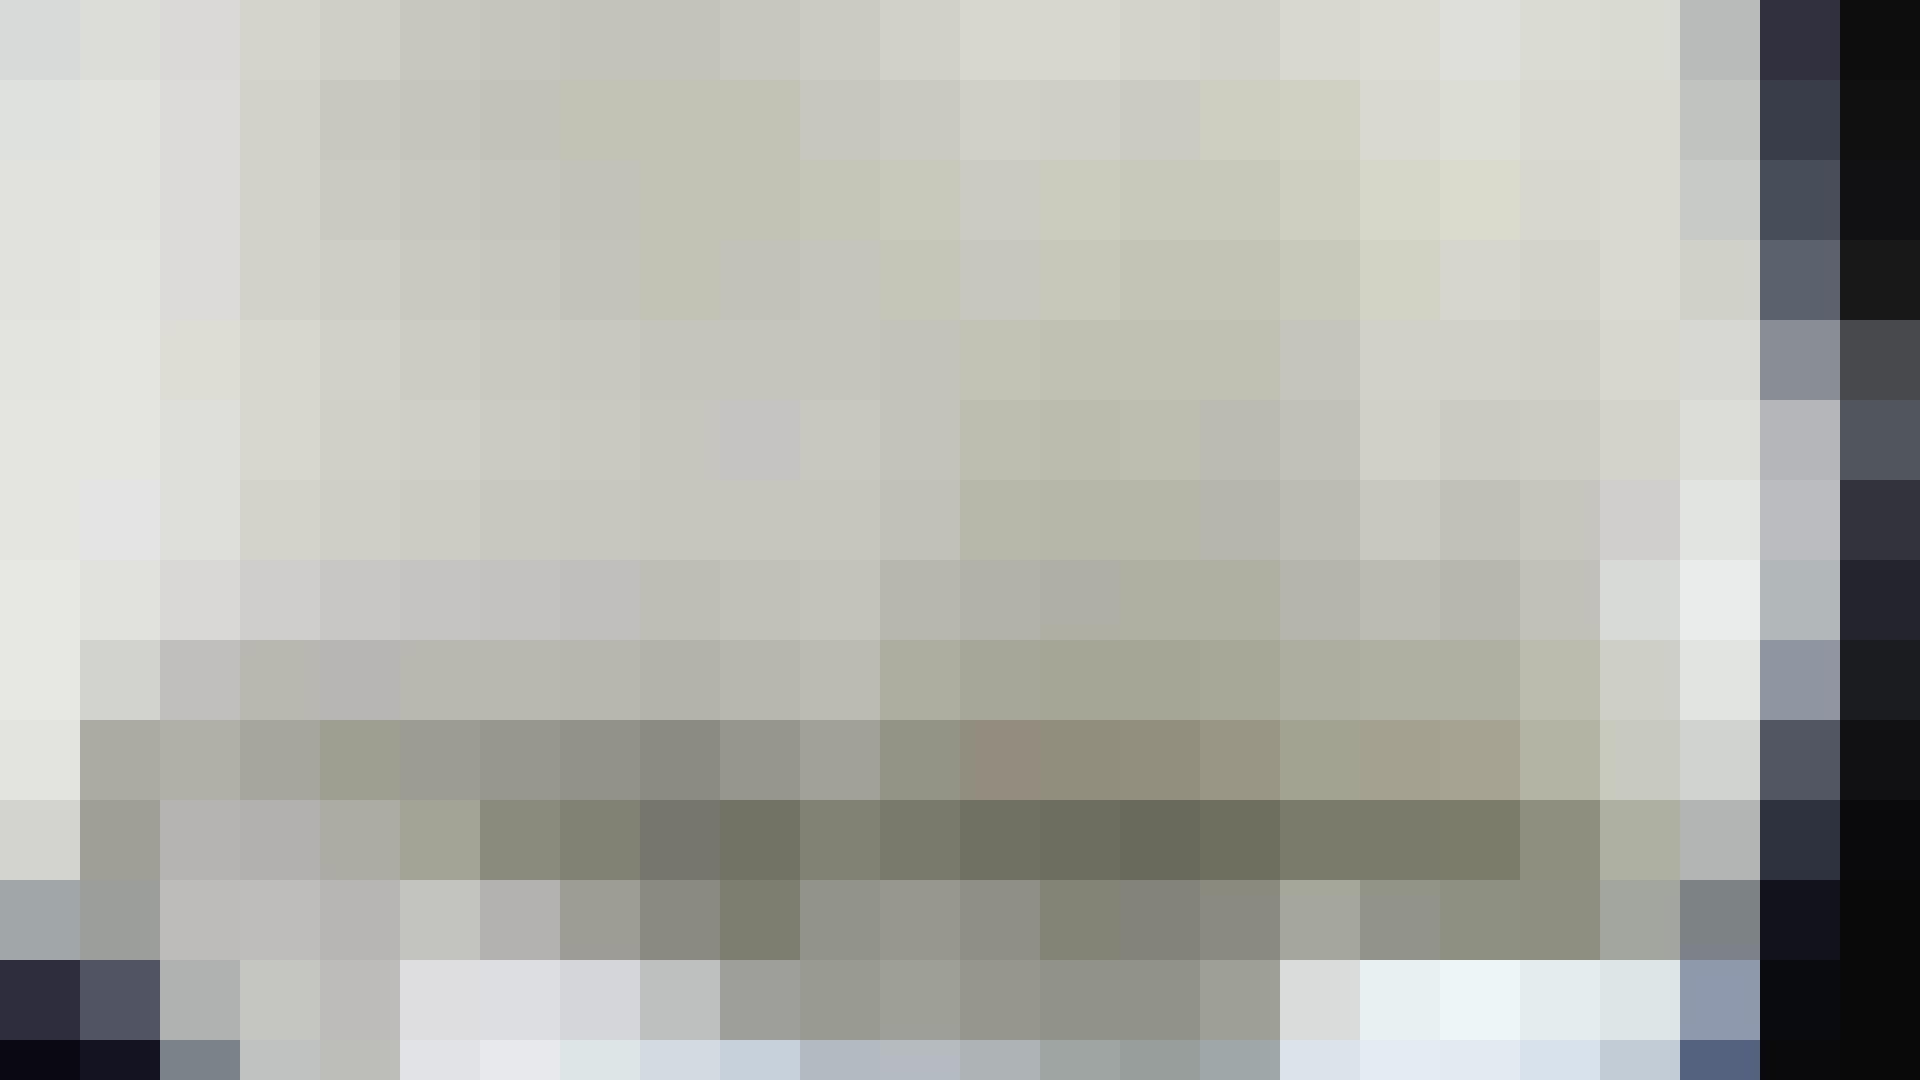 洗面所特攻隊 vol.016 ナナメな方 洗面所  107PIX 70